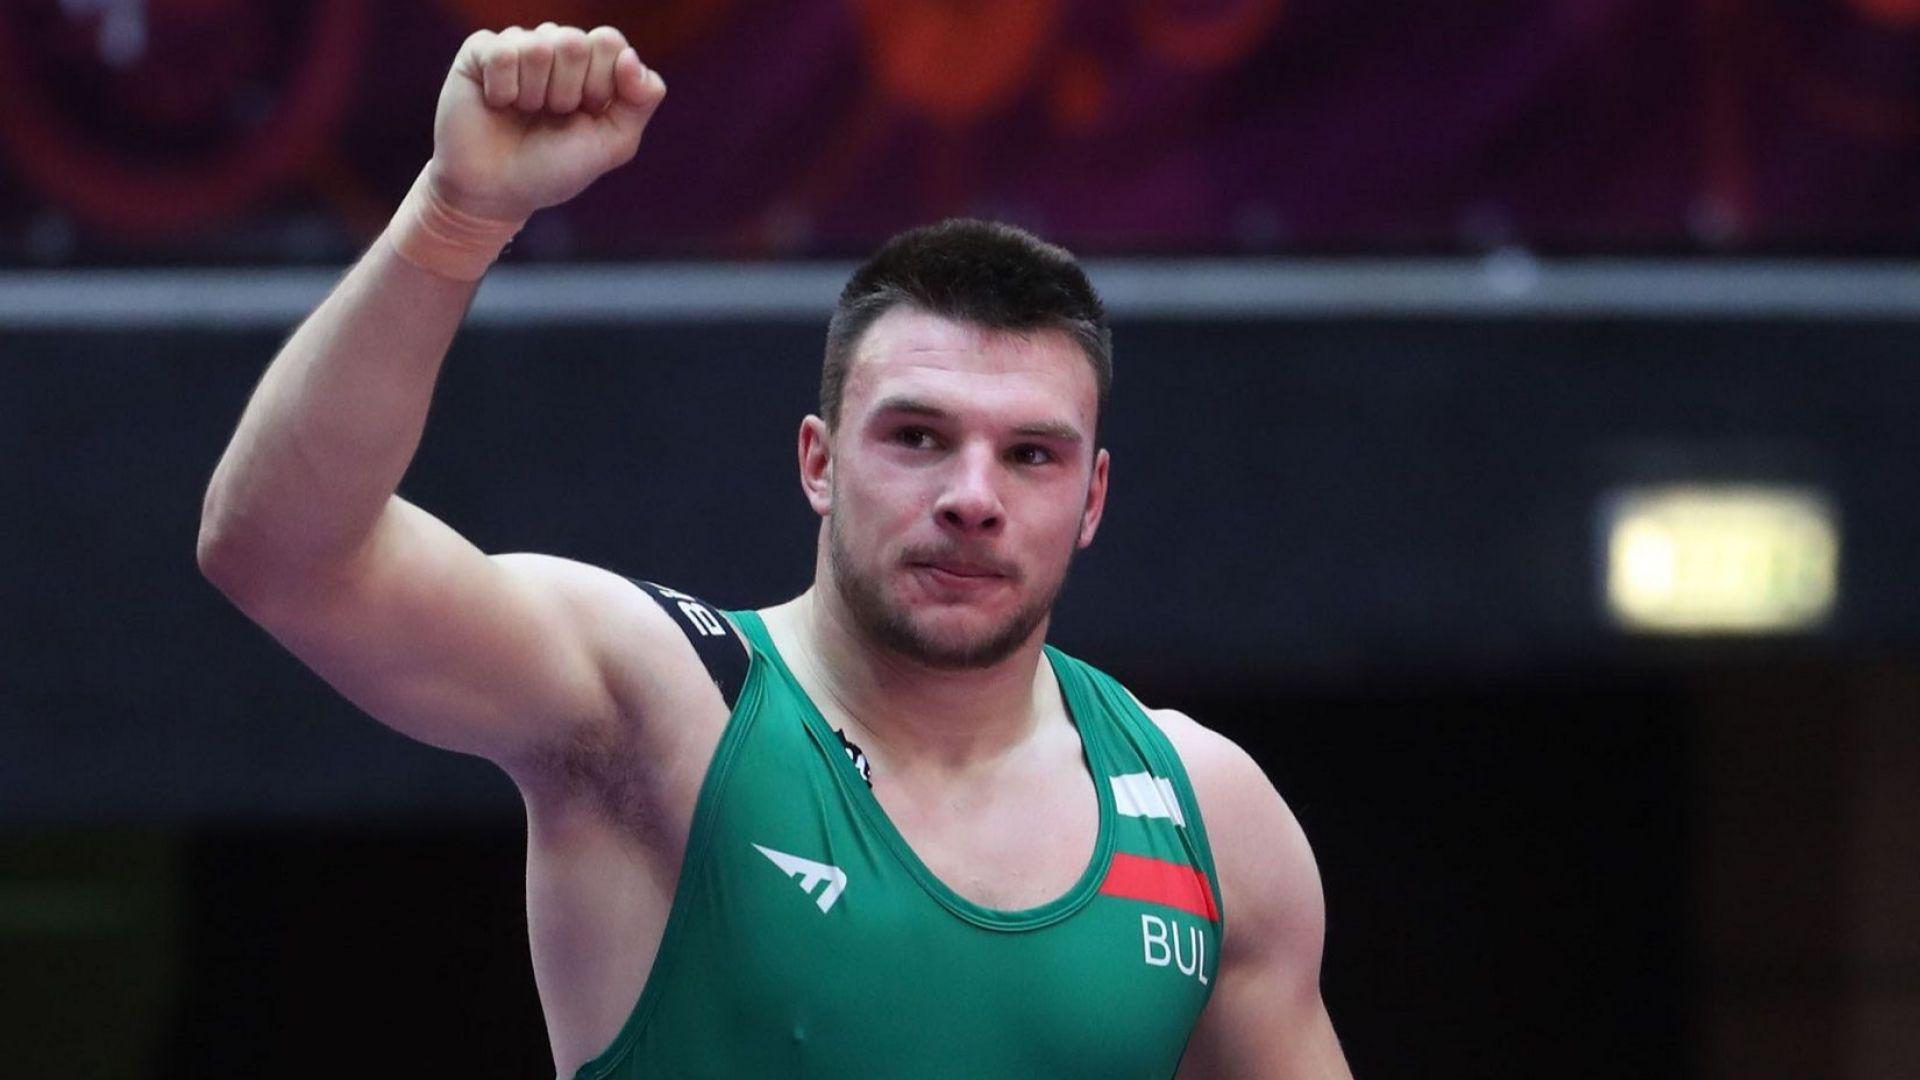 Кирил Милов достигна финал на Европейското